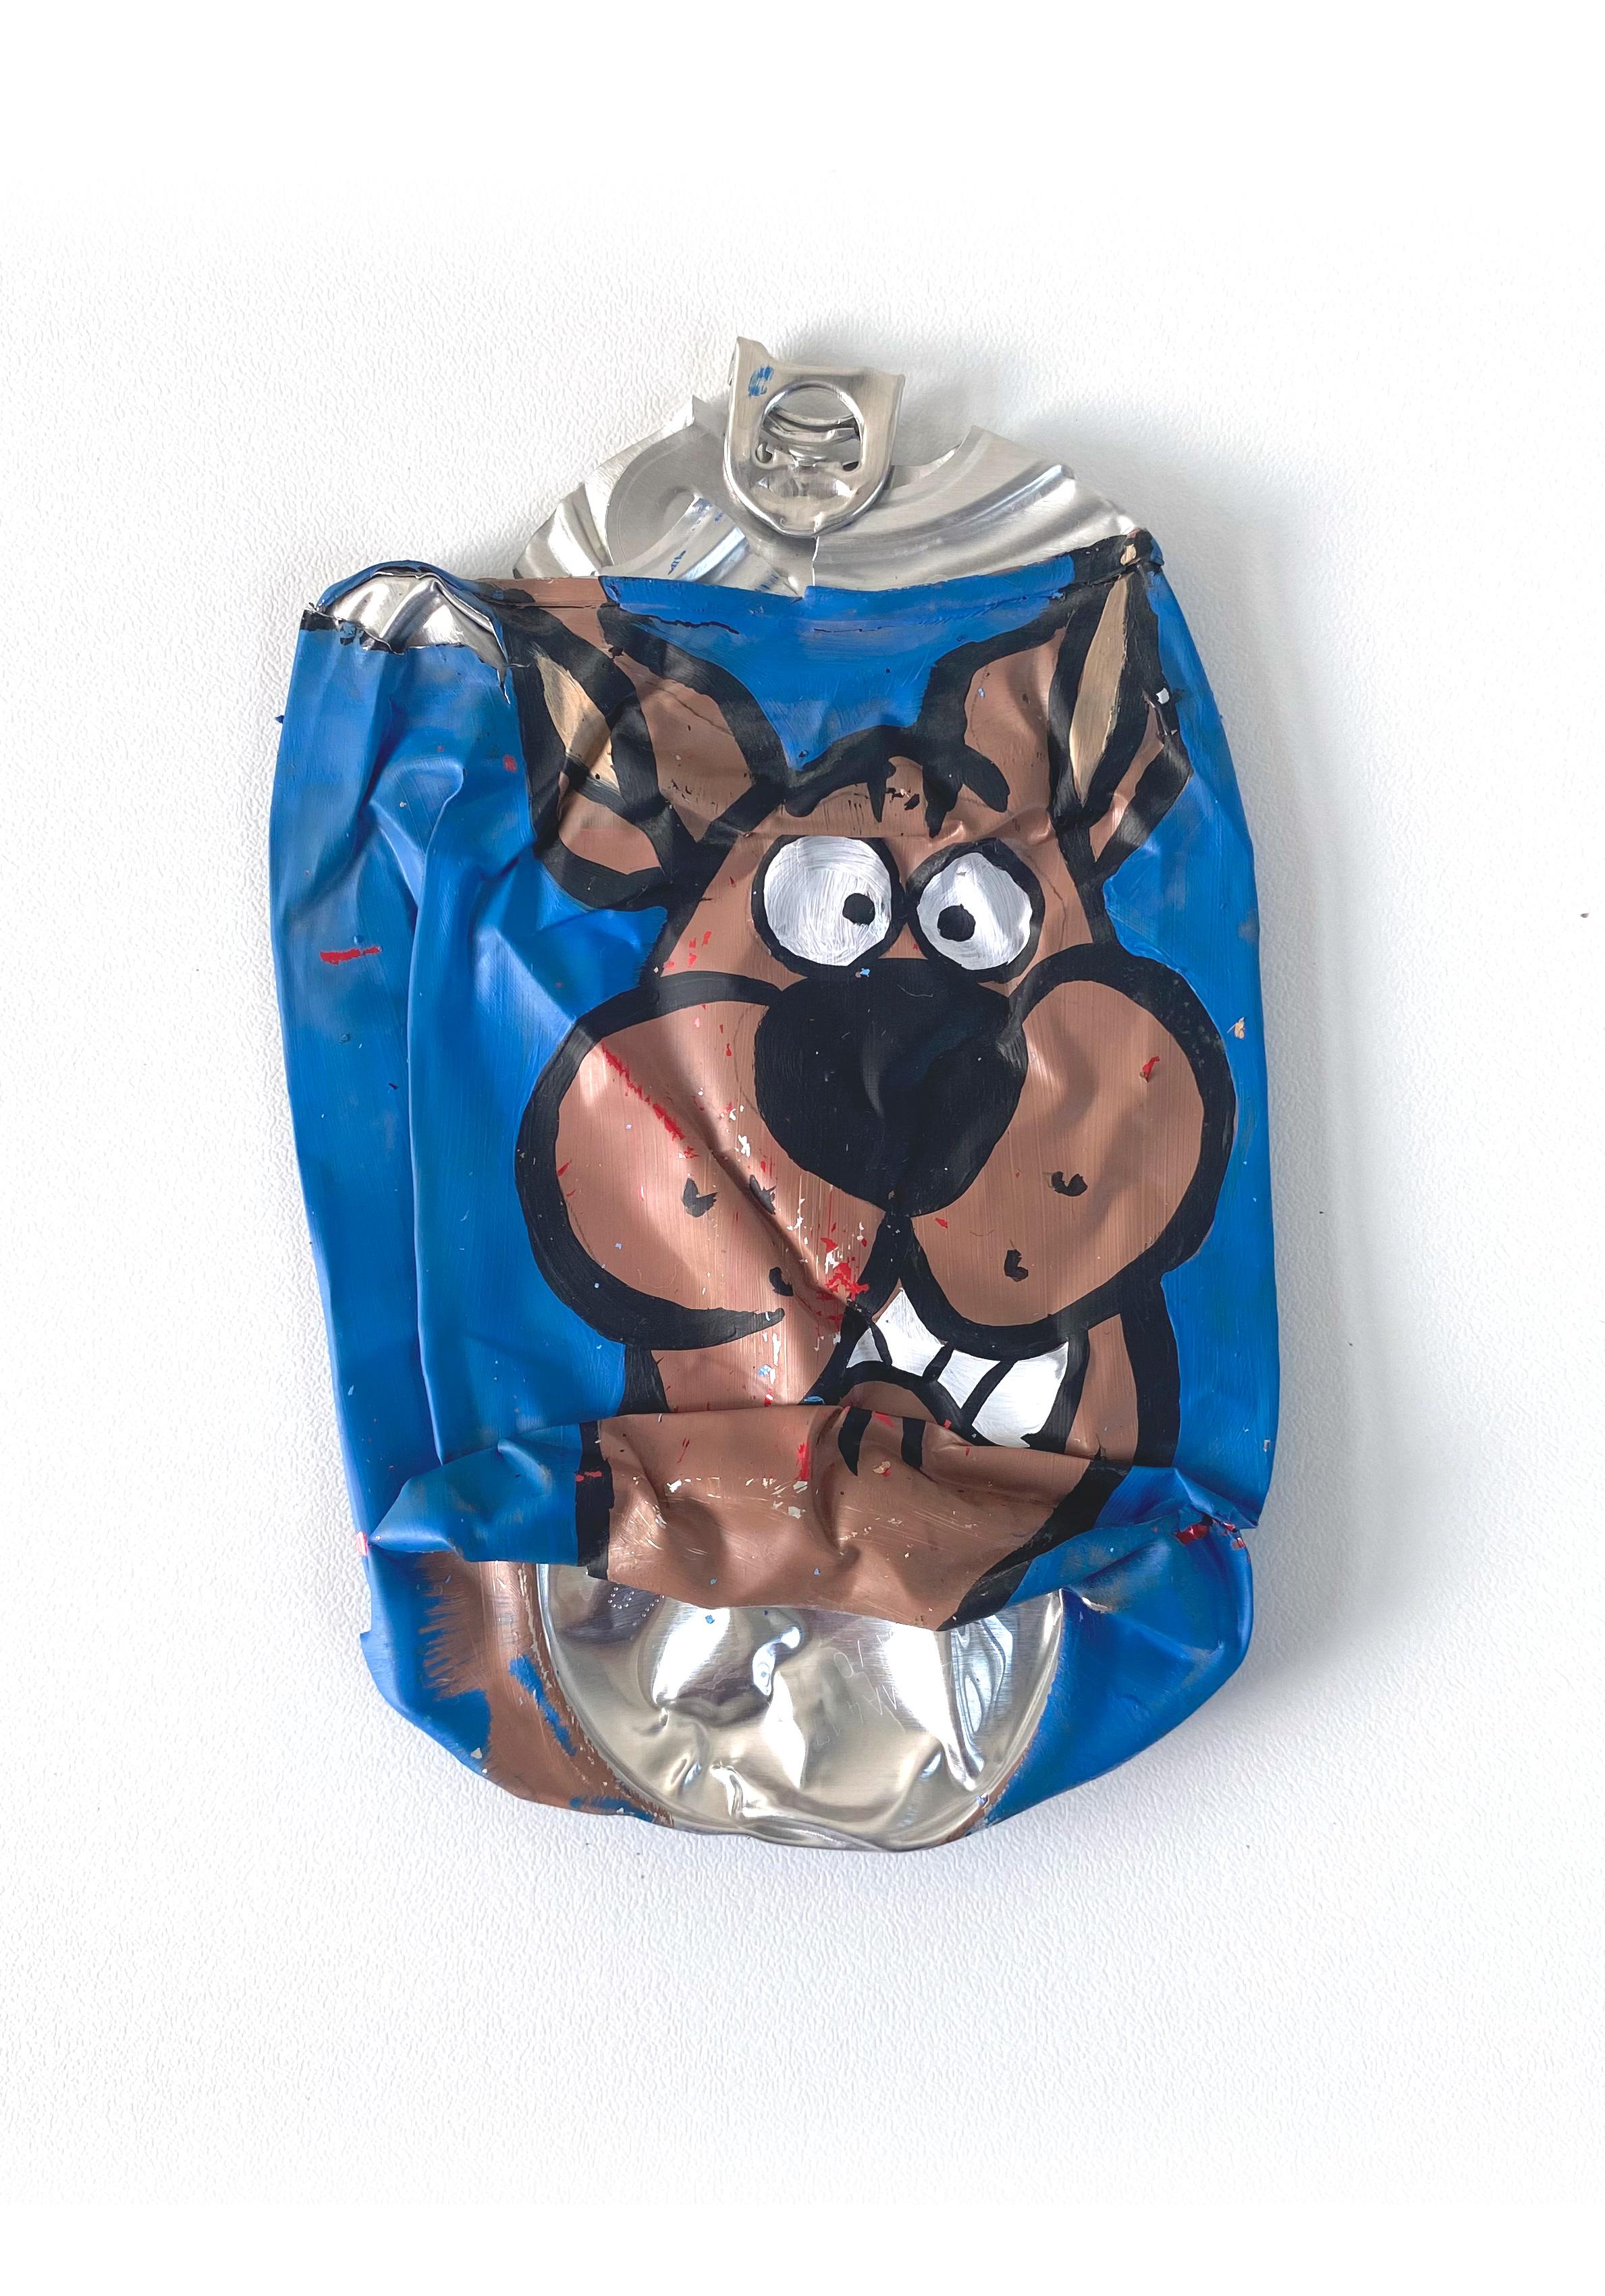 Story-Scooby